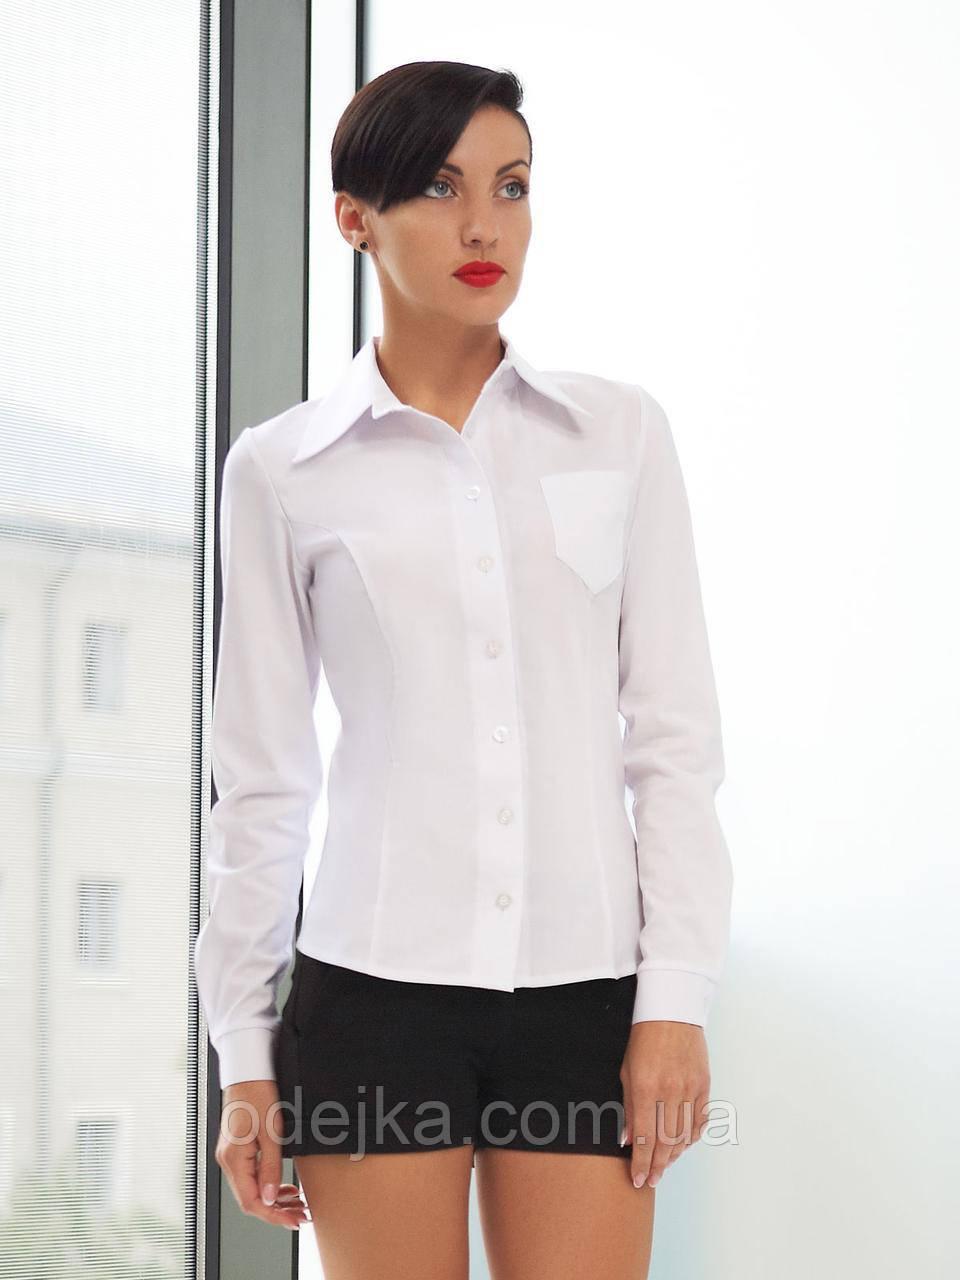 Рубашка женская Марта д/р, женская блуза белая